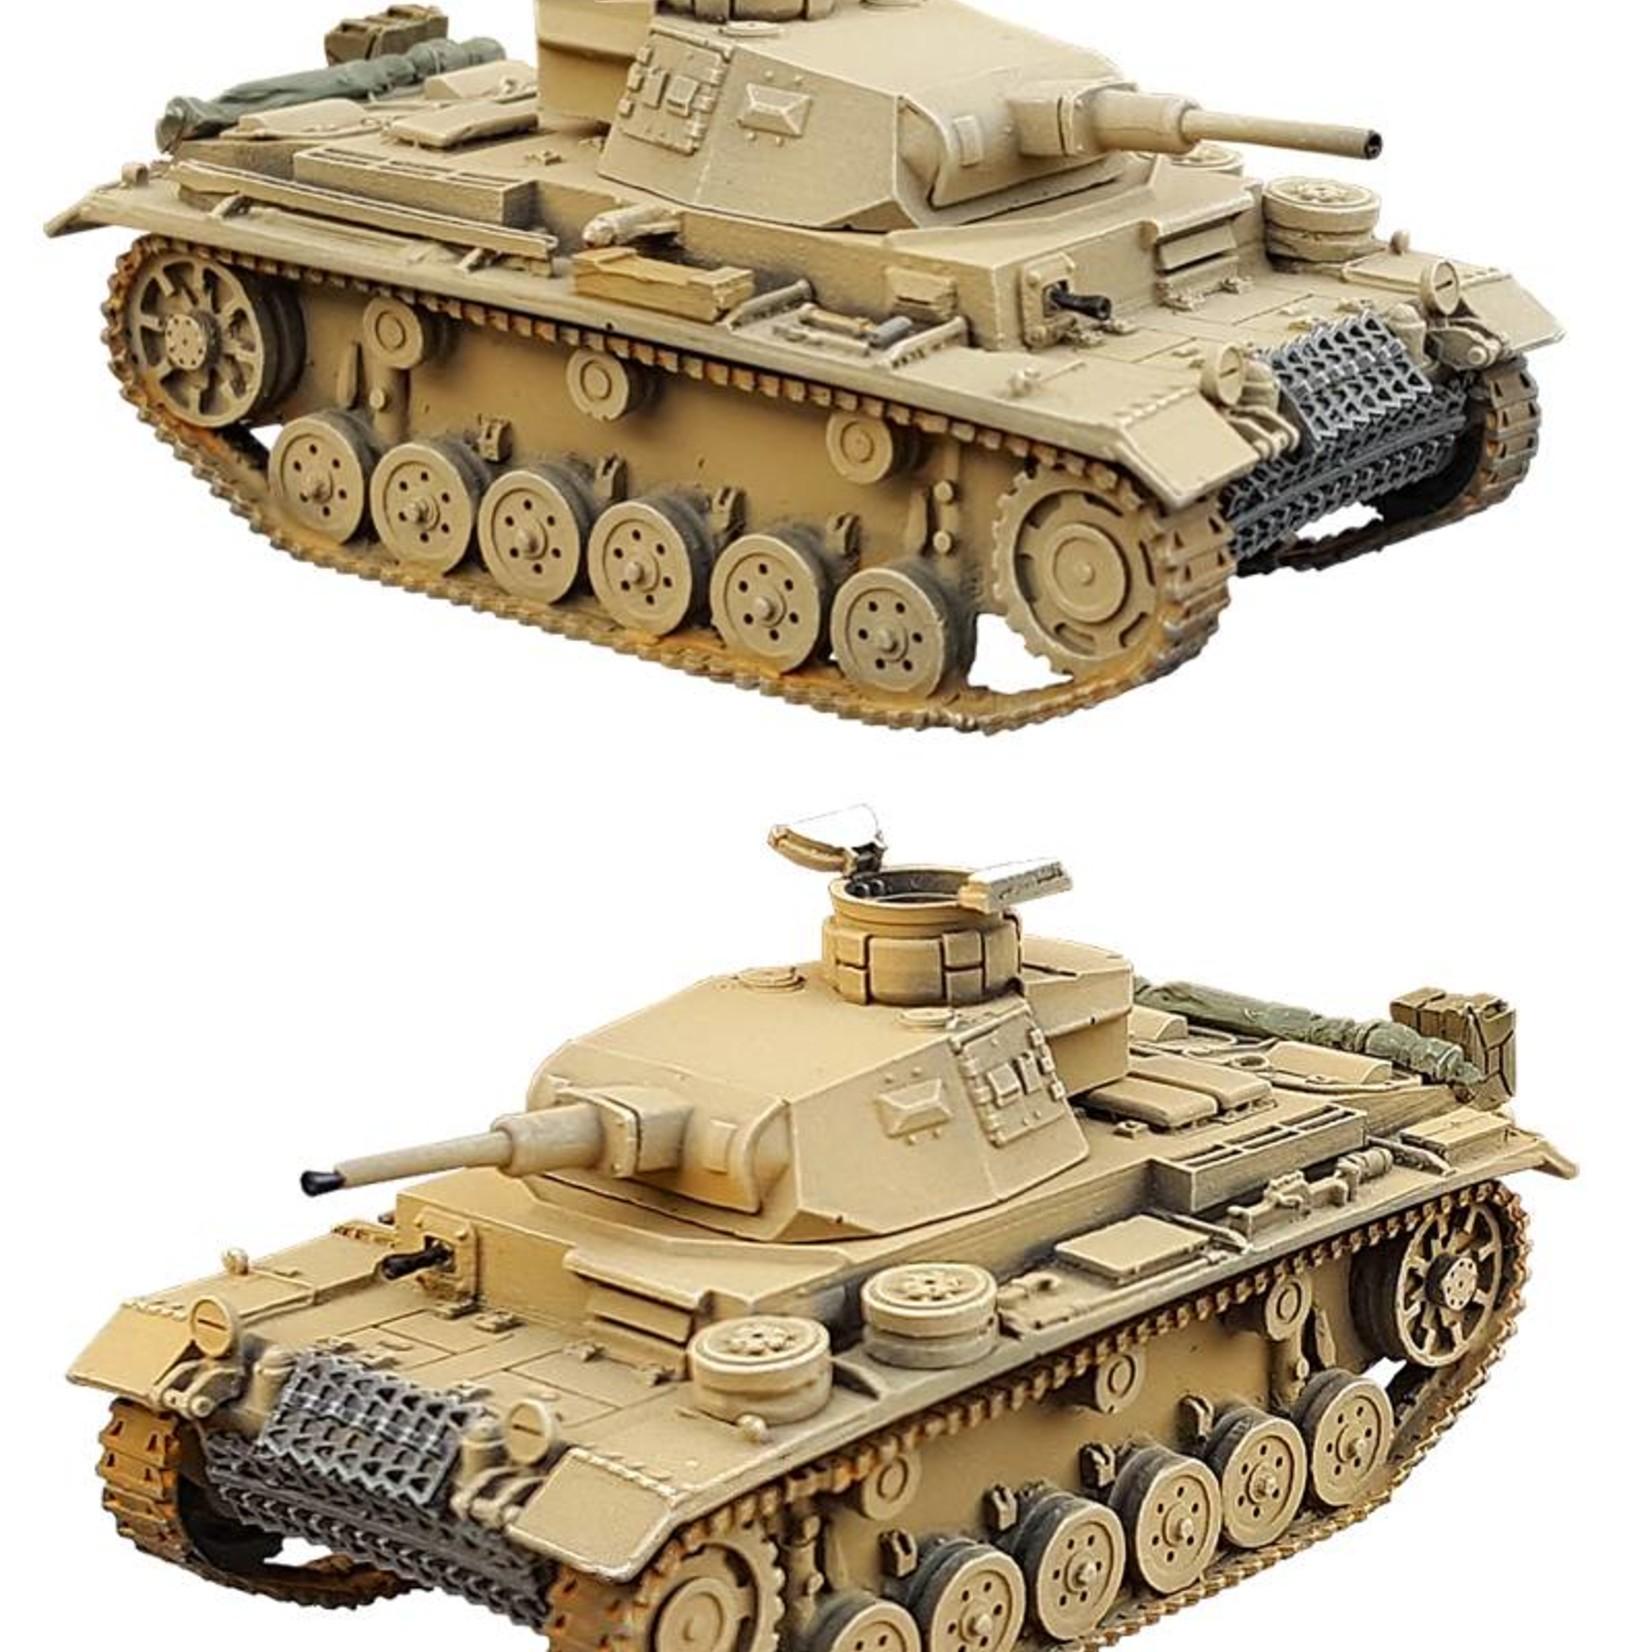 Panzerkampfwagen III Ausf. G